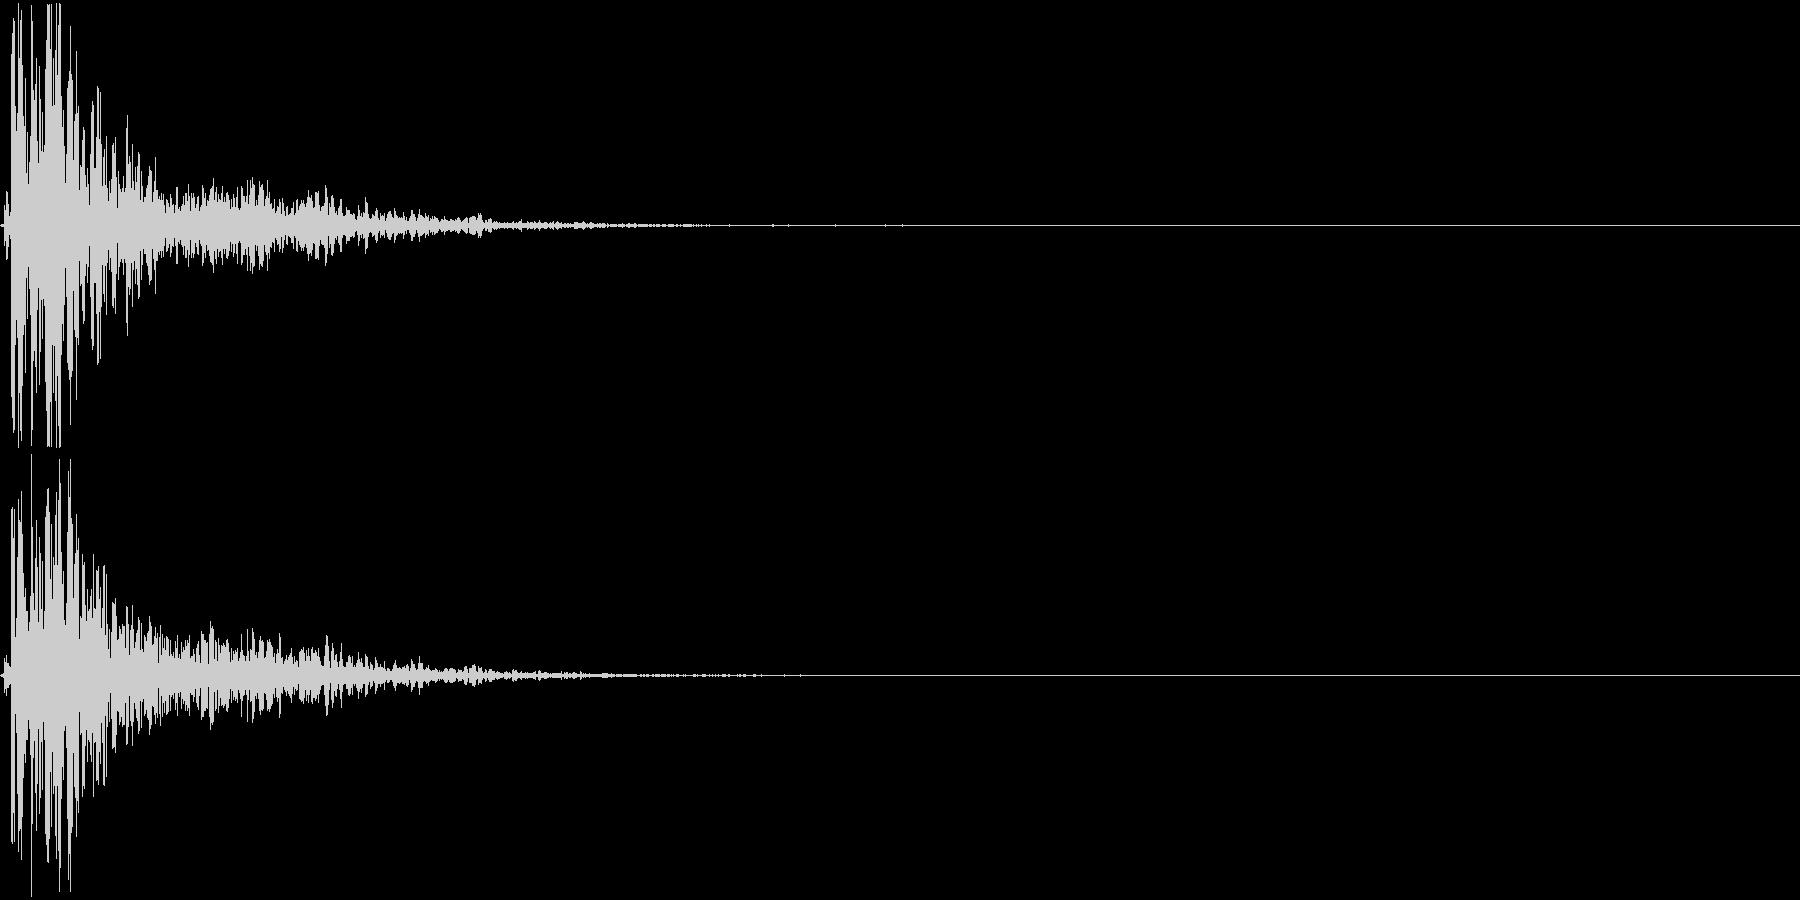 【生録音】蹴る音 キック 再現音 5の未再生の波形